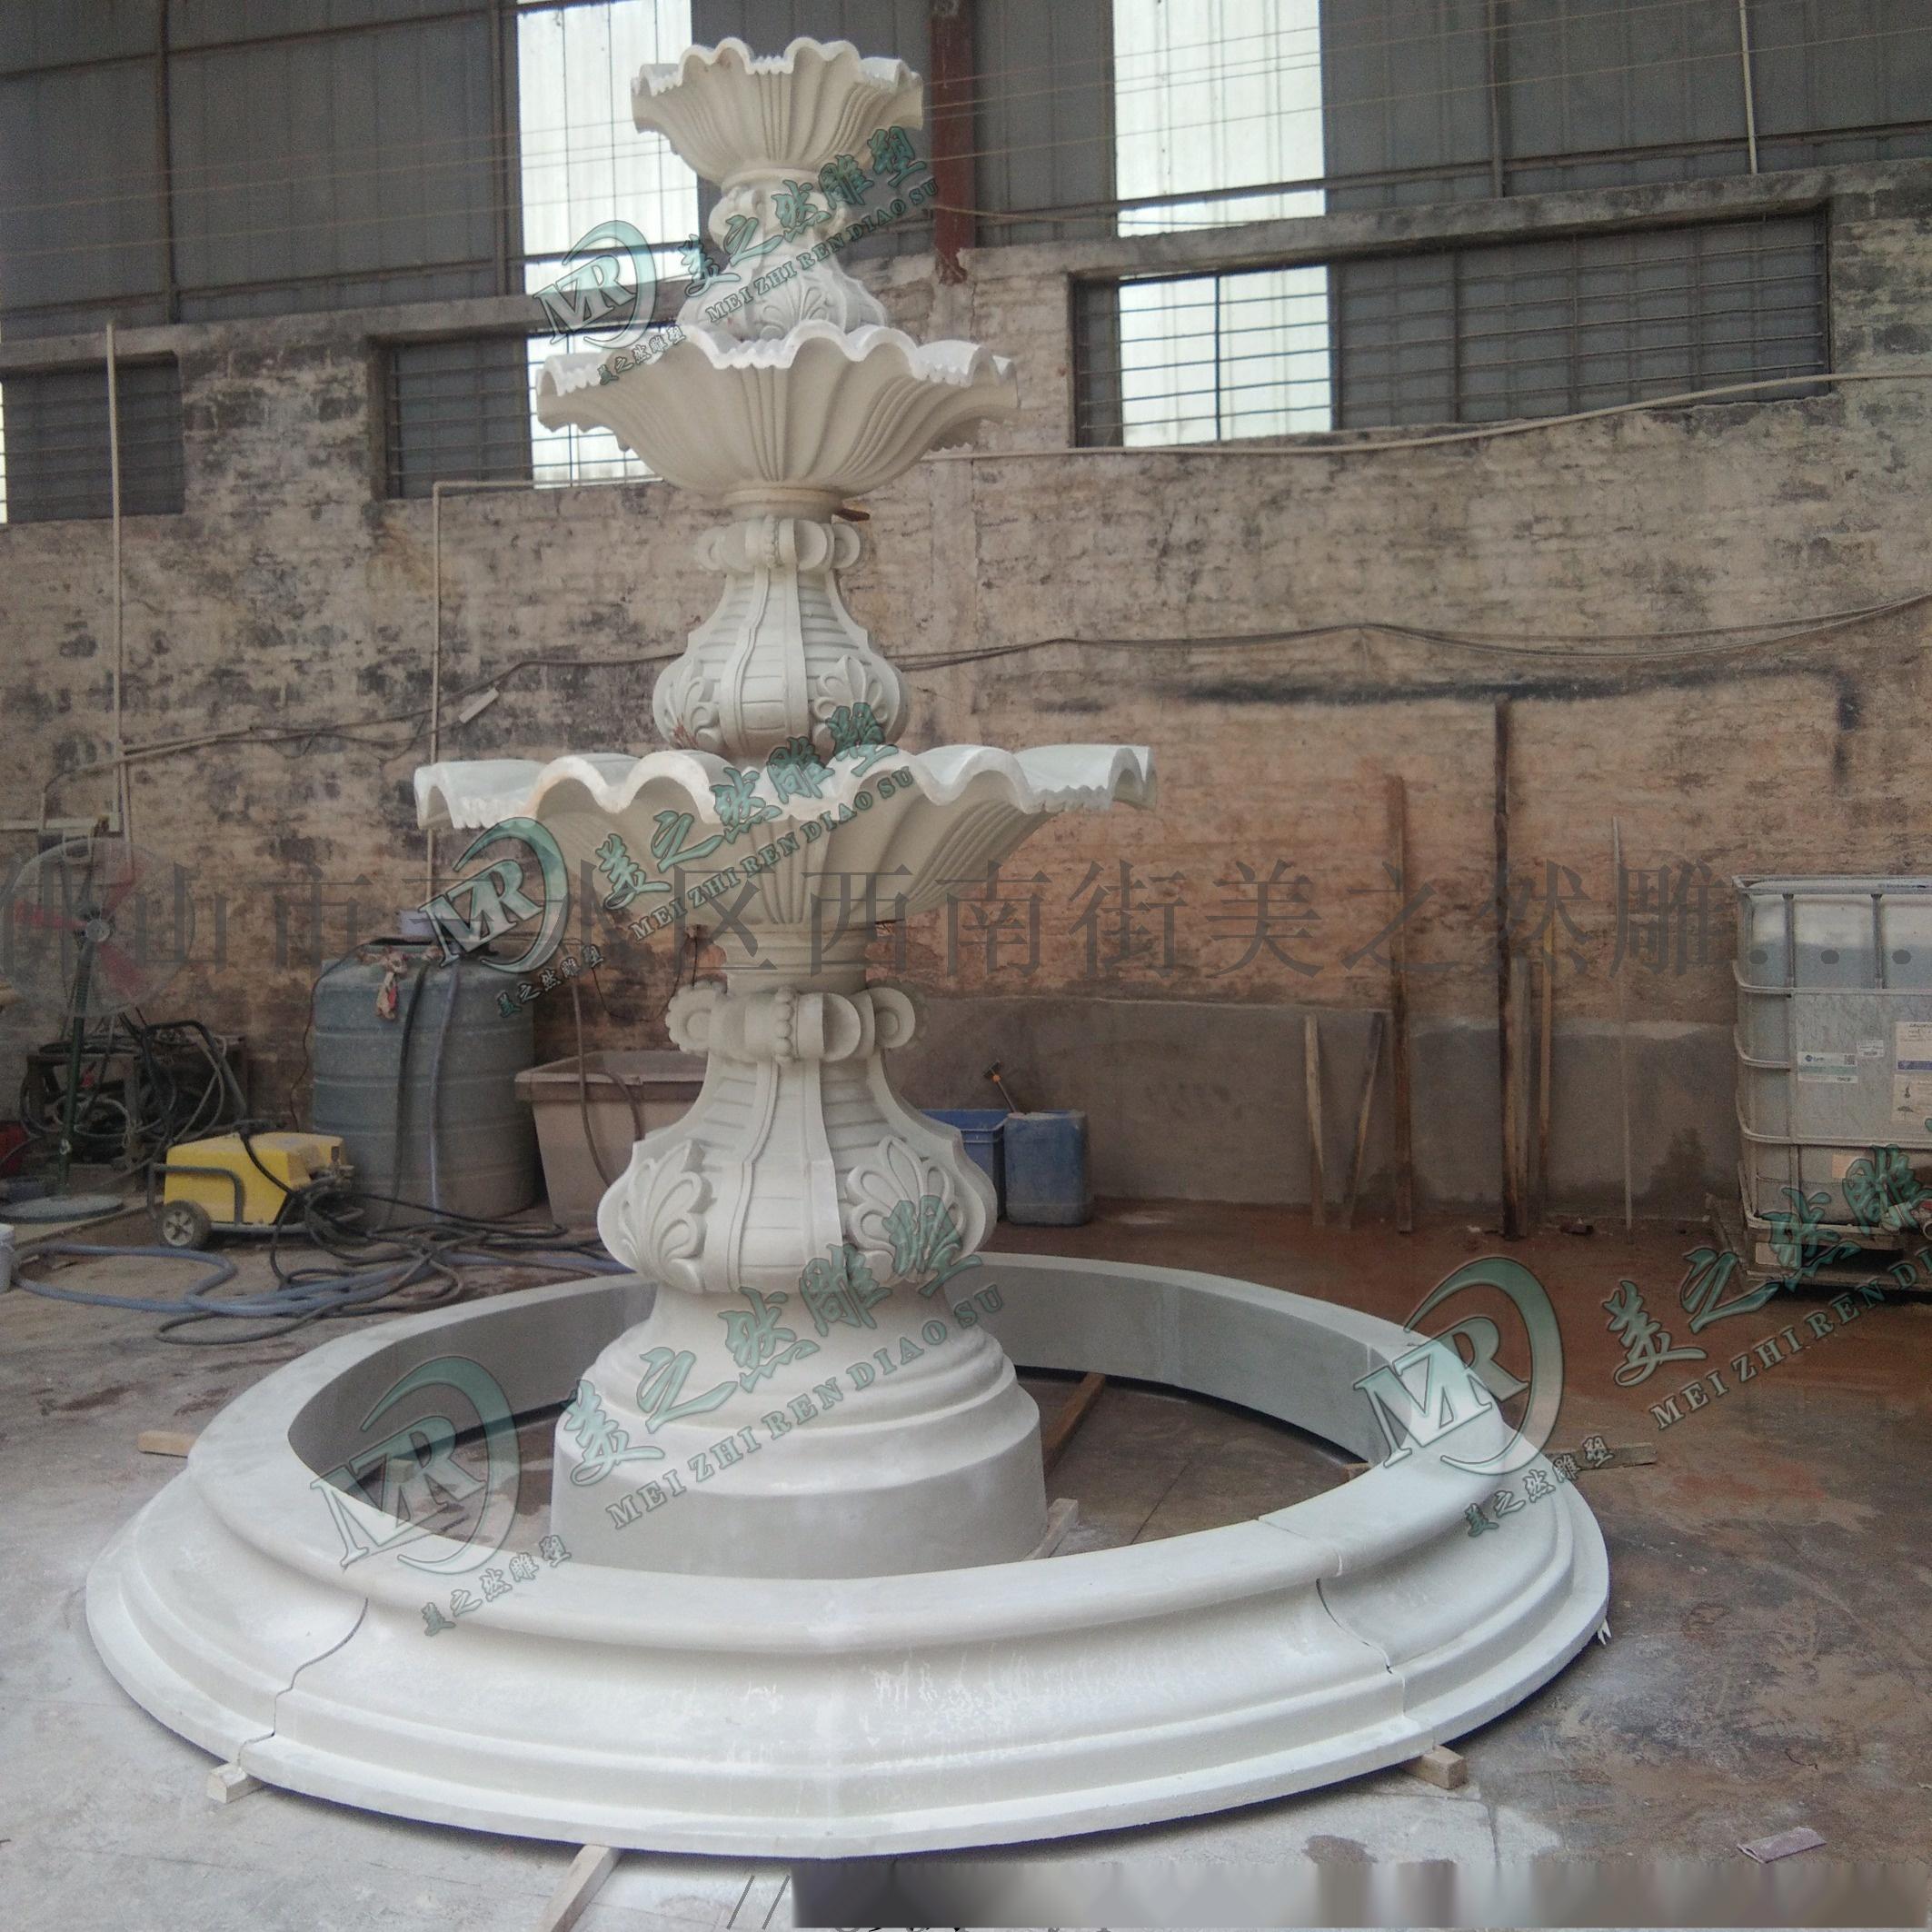 广东砂岩喷泉园林景观喷水池雕塑佛山砂岩雕塑853246255